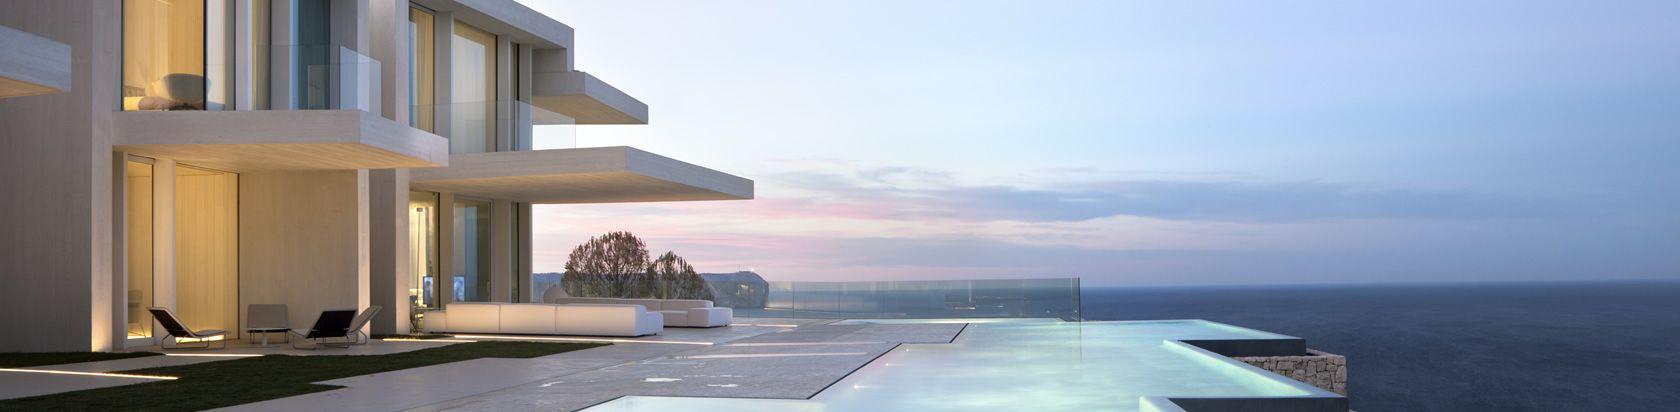 instalaciones electricas en viviendas alicante